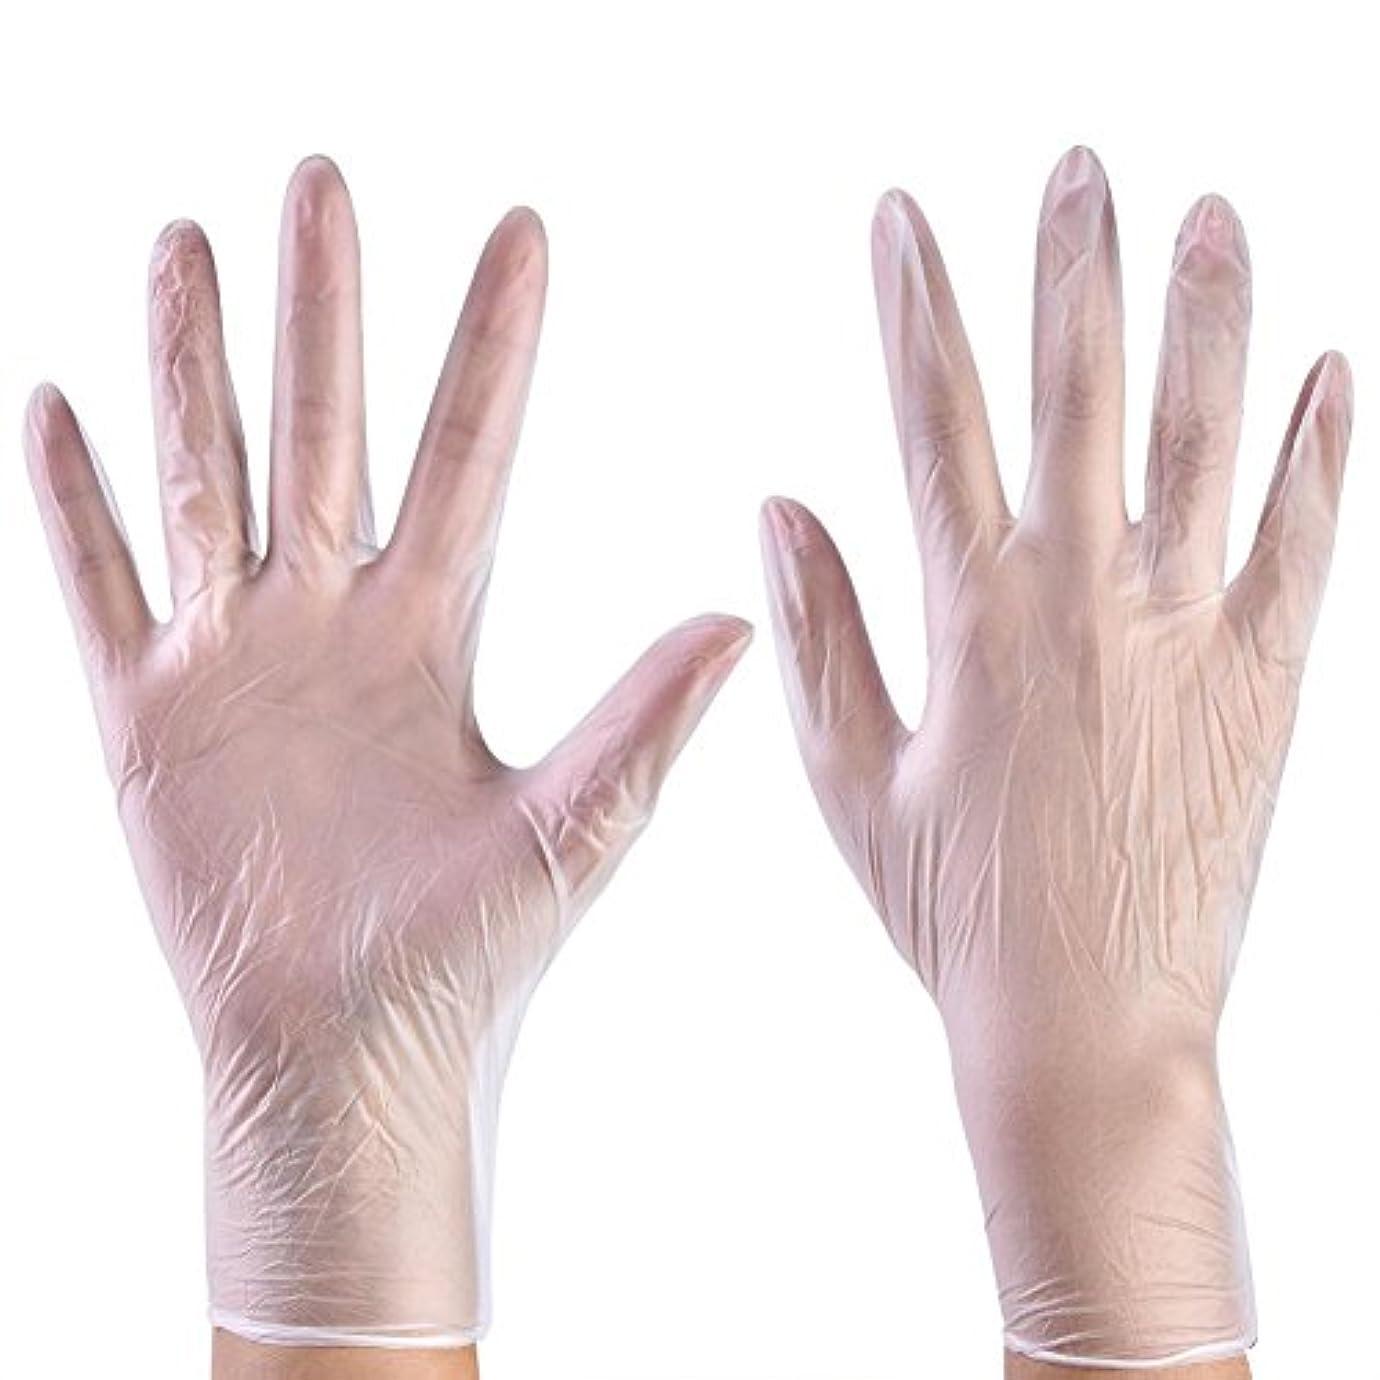 虹締める少年使い捨て手袋 ニトリルグローブ ホワイト 粉なし タトゥー/歯科/病院/研究室に適応 S/M/L選択可 100枚 左右兼用(L)